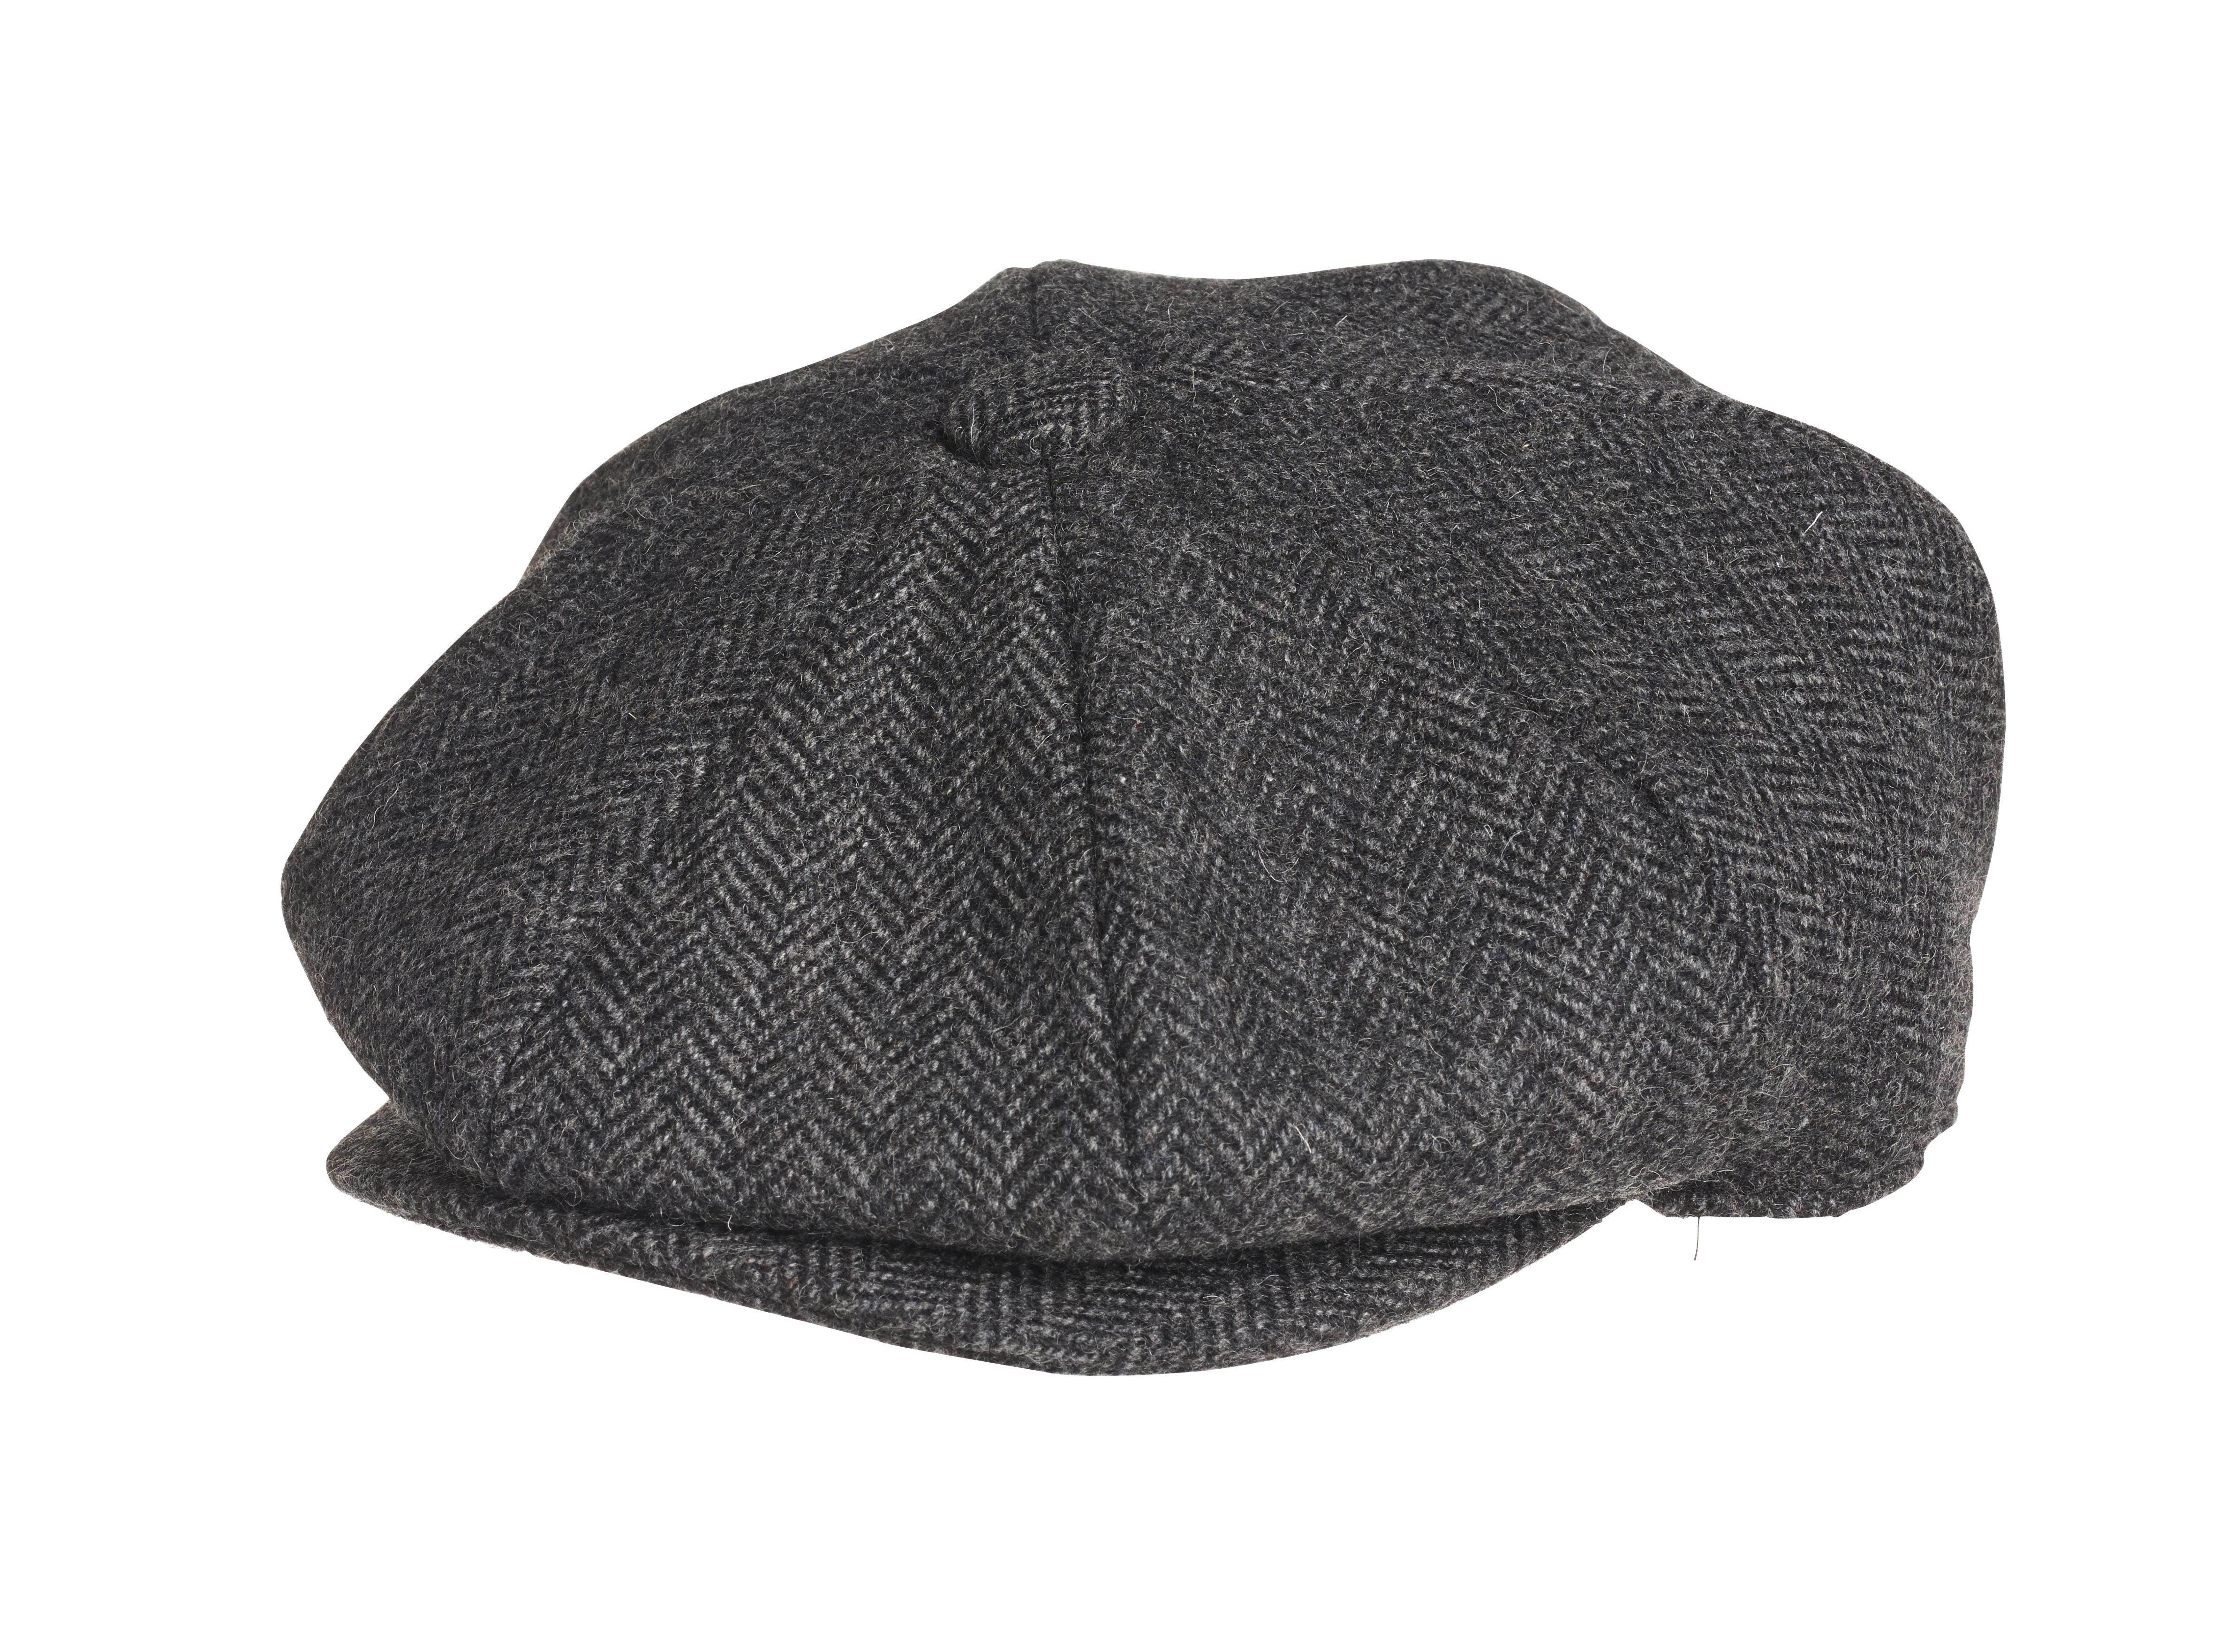 Tartan Plaid Flat Cap Royal Stewart Brushed Wool Caps